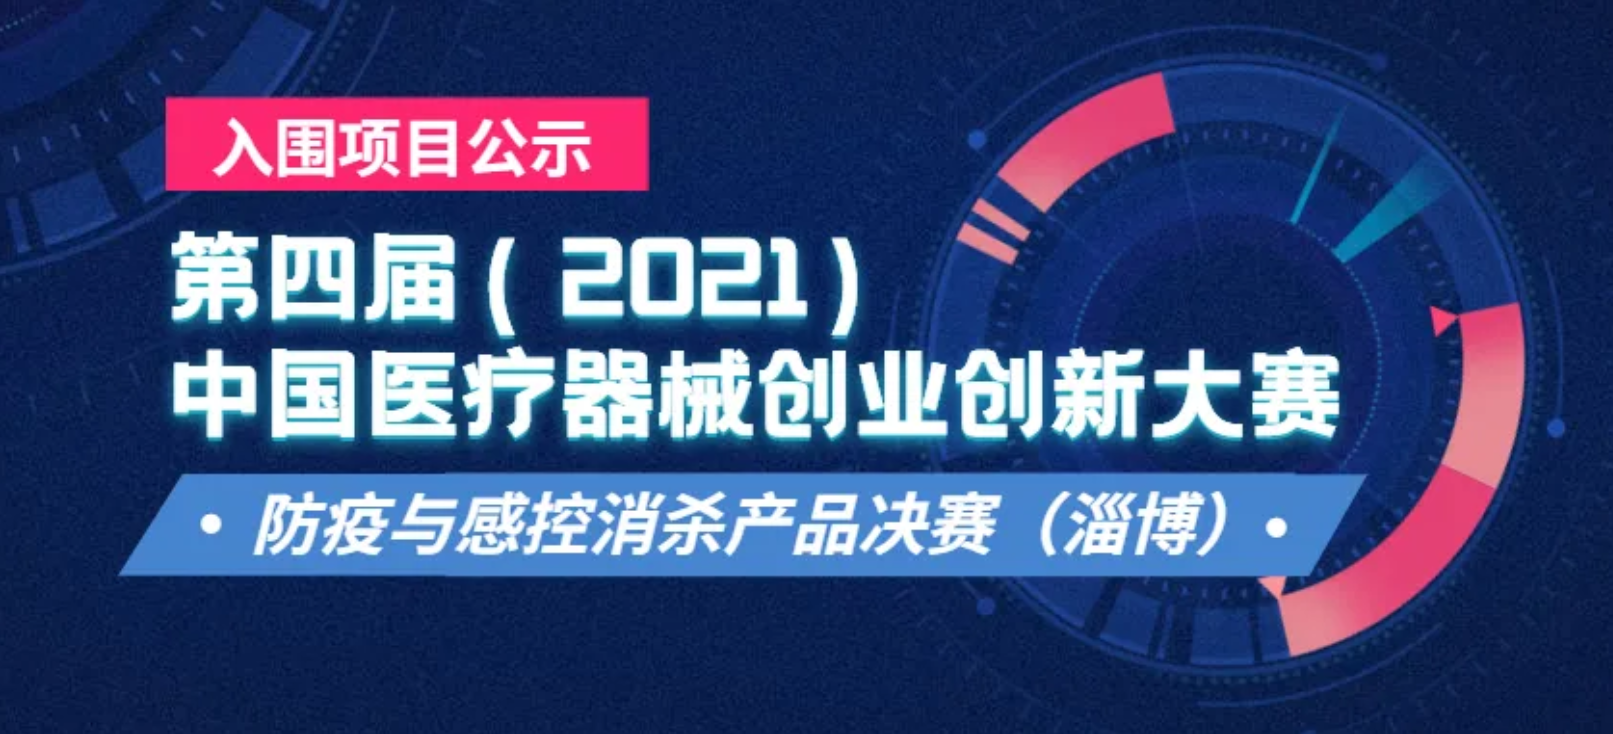 防疫与感控消杀产品决赛将于2021年10月18日-19日在山东淄博举办-第四届(2021)中国医疗器械创业创新大赛